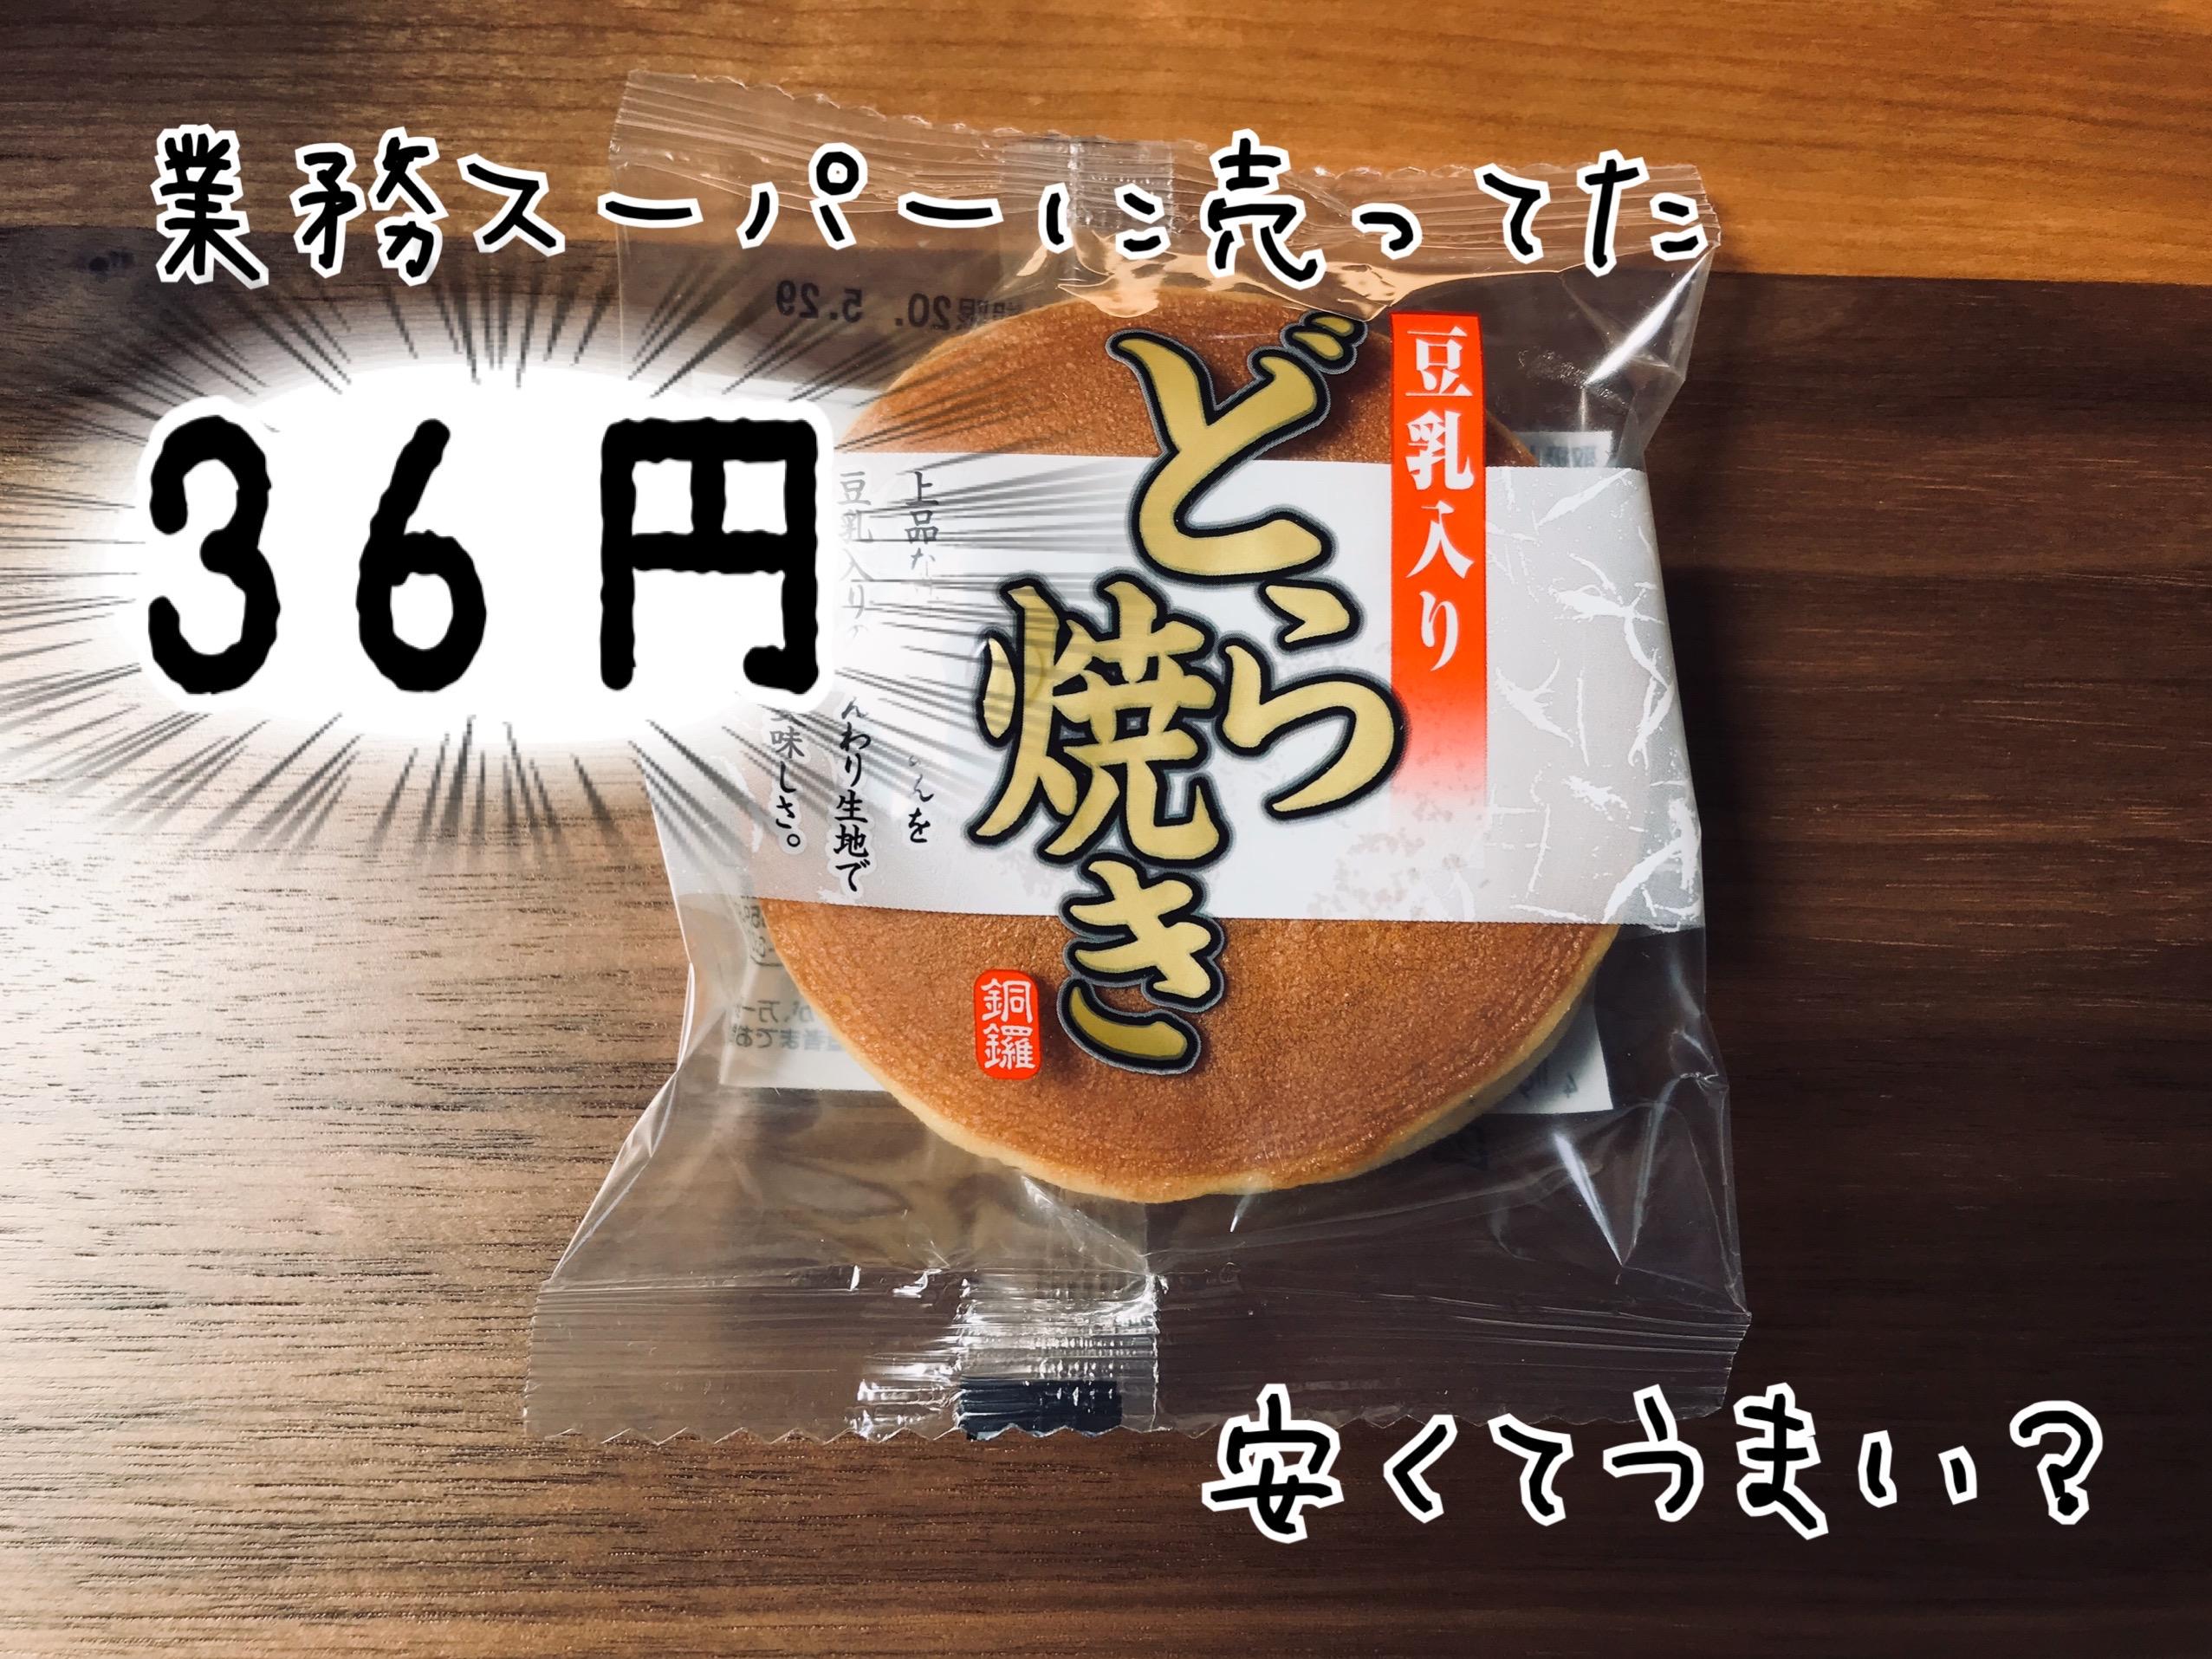 業務スーパー 36円どら焼き